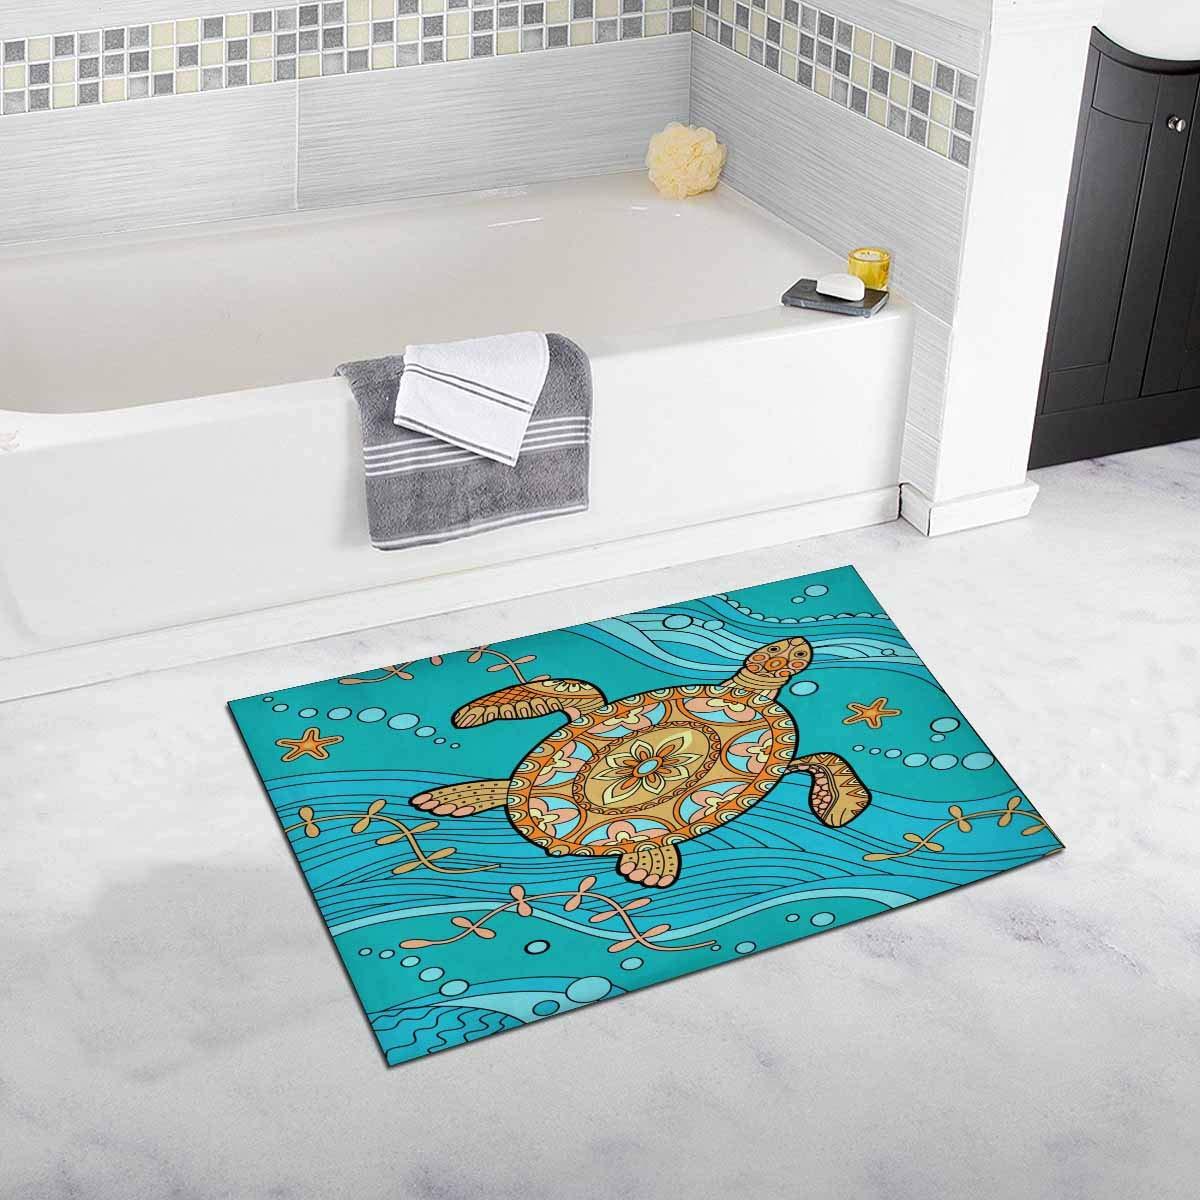 Sea Turtle Bath Mat And Shower Rug Non Slip 32 L X 20 W